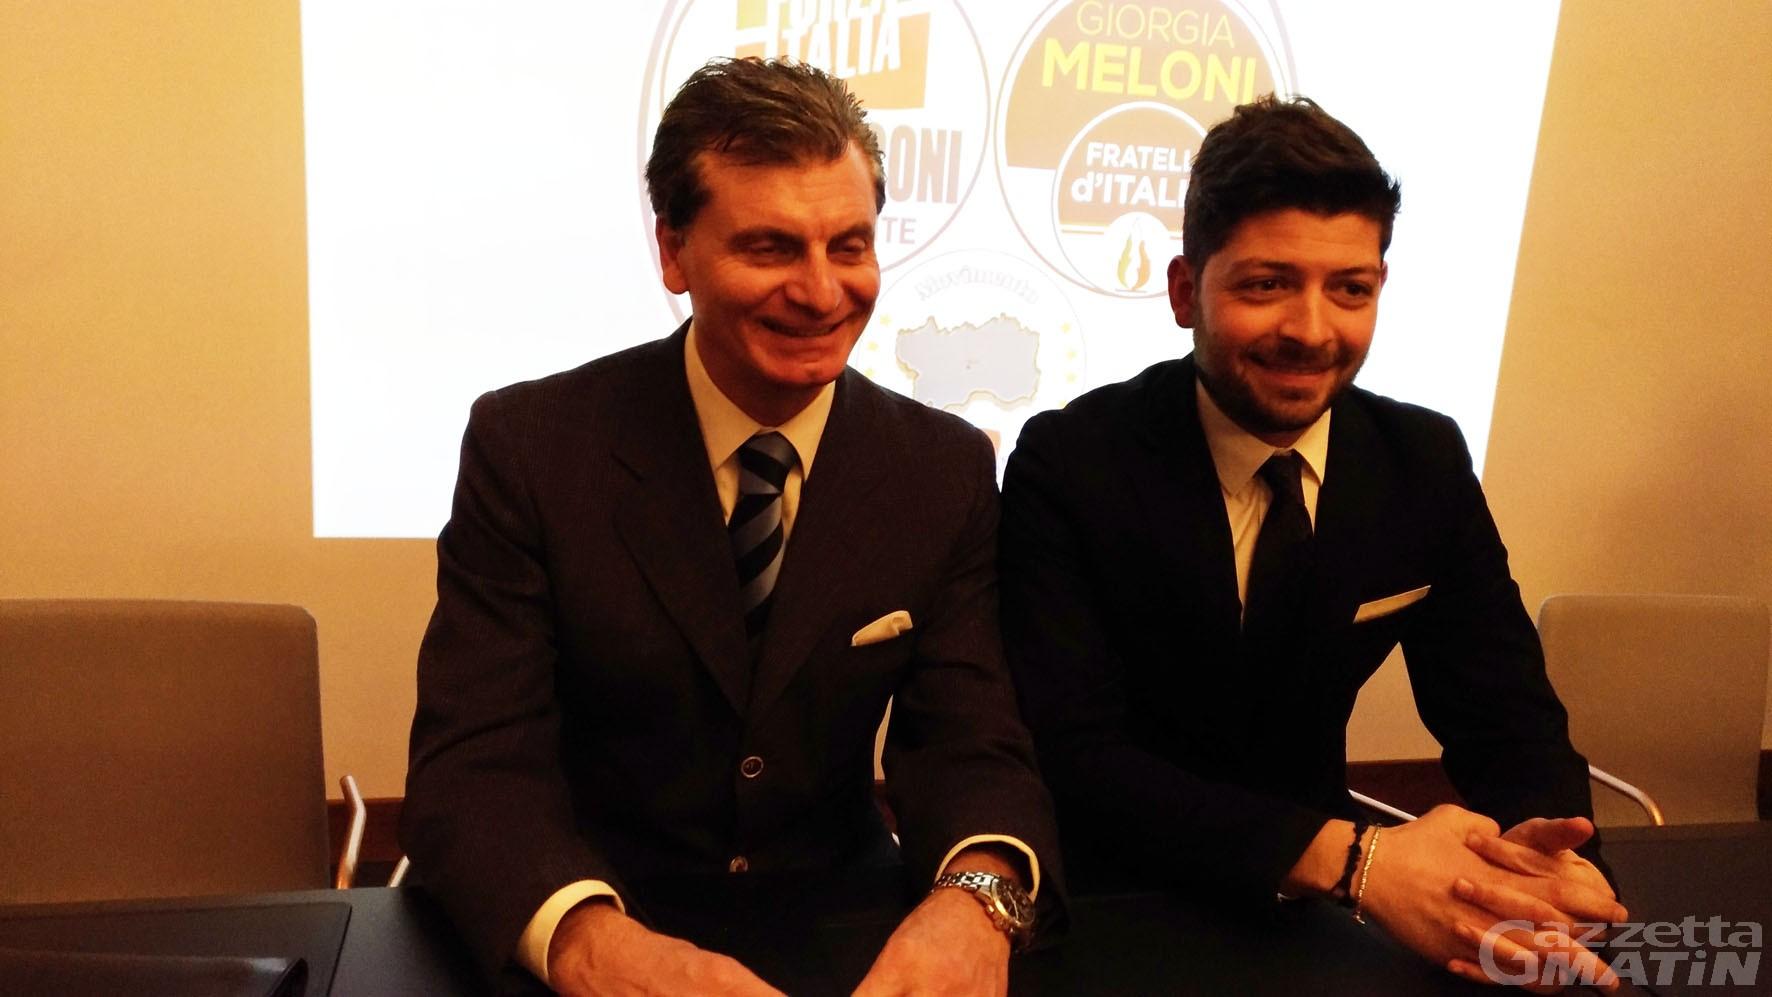 Politiche: Navarra-Melgara, a Roma per dare voce a VdA